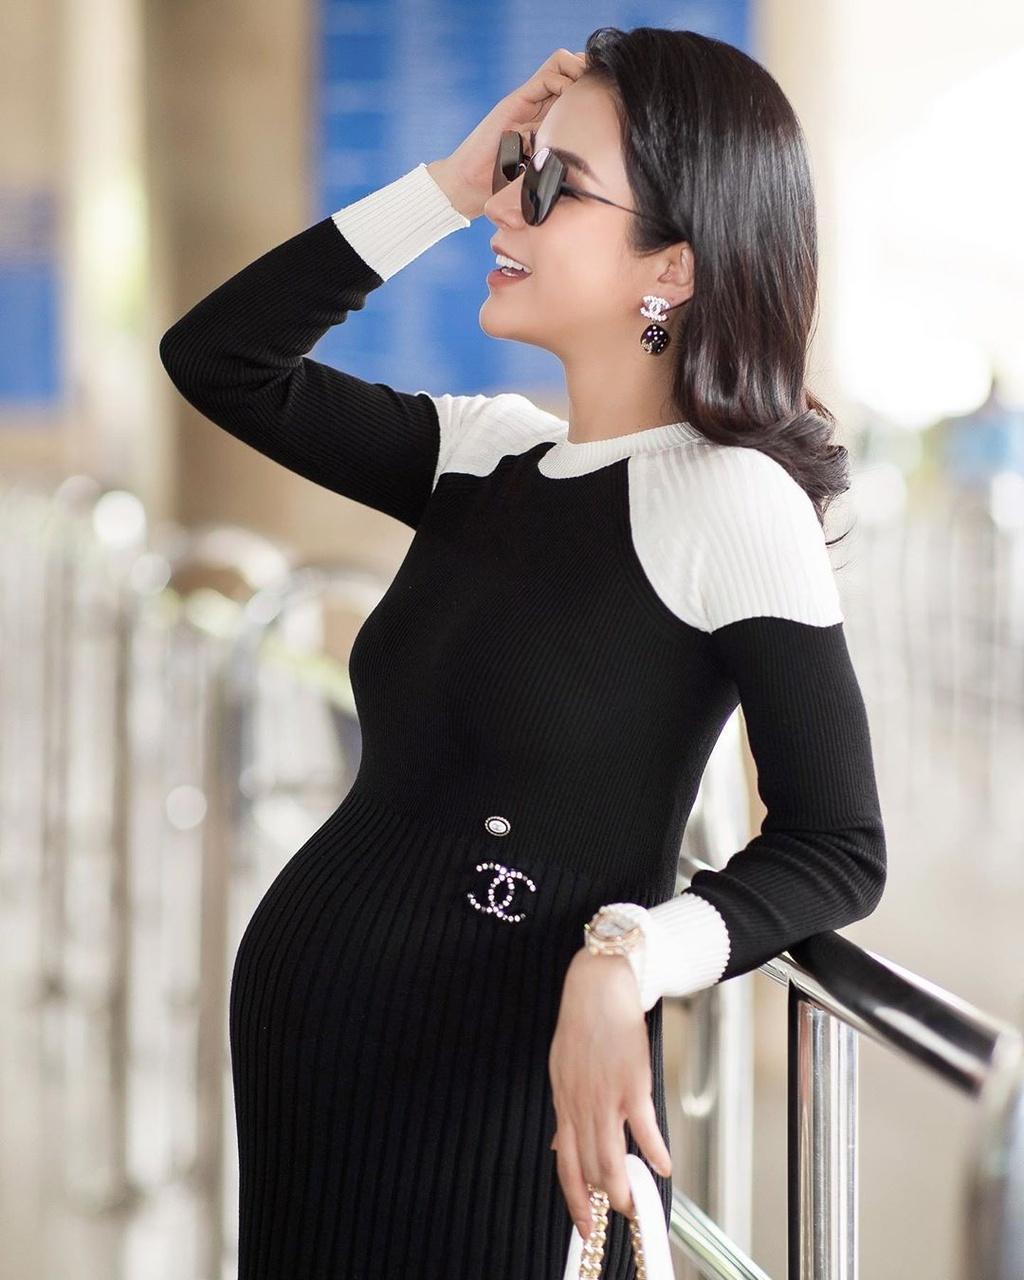 Diep Lam Anh, Lan Khue pho truong hang hieu khi mang thai hinh anh 9